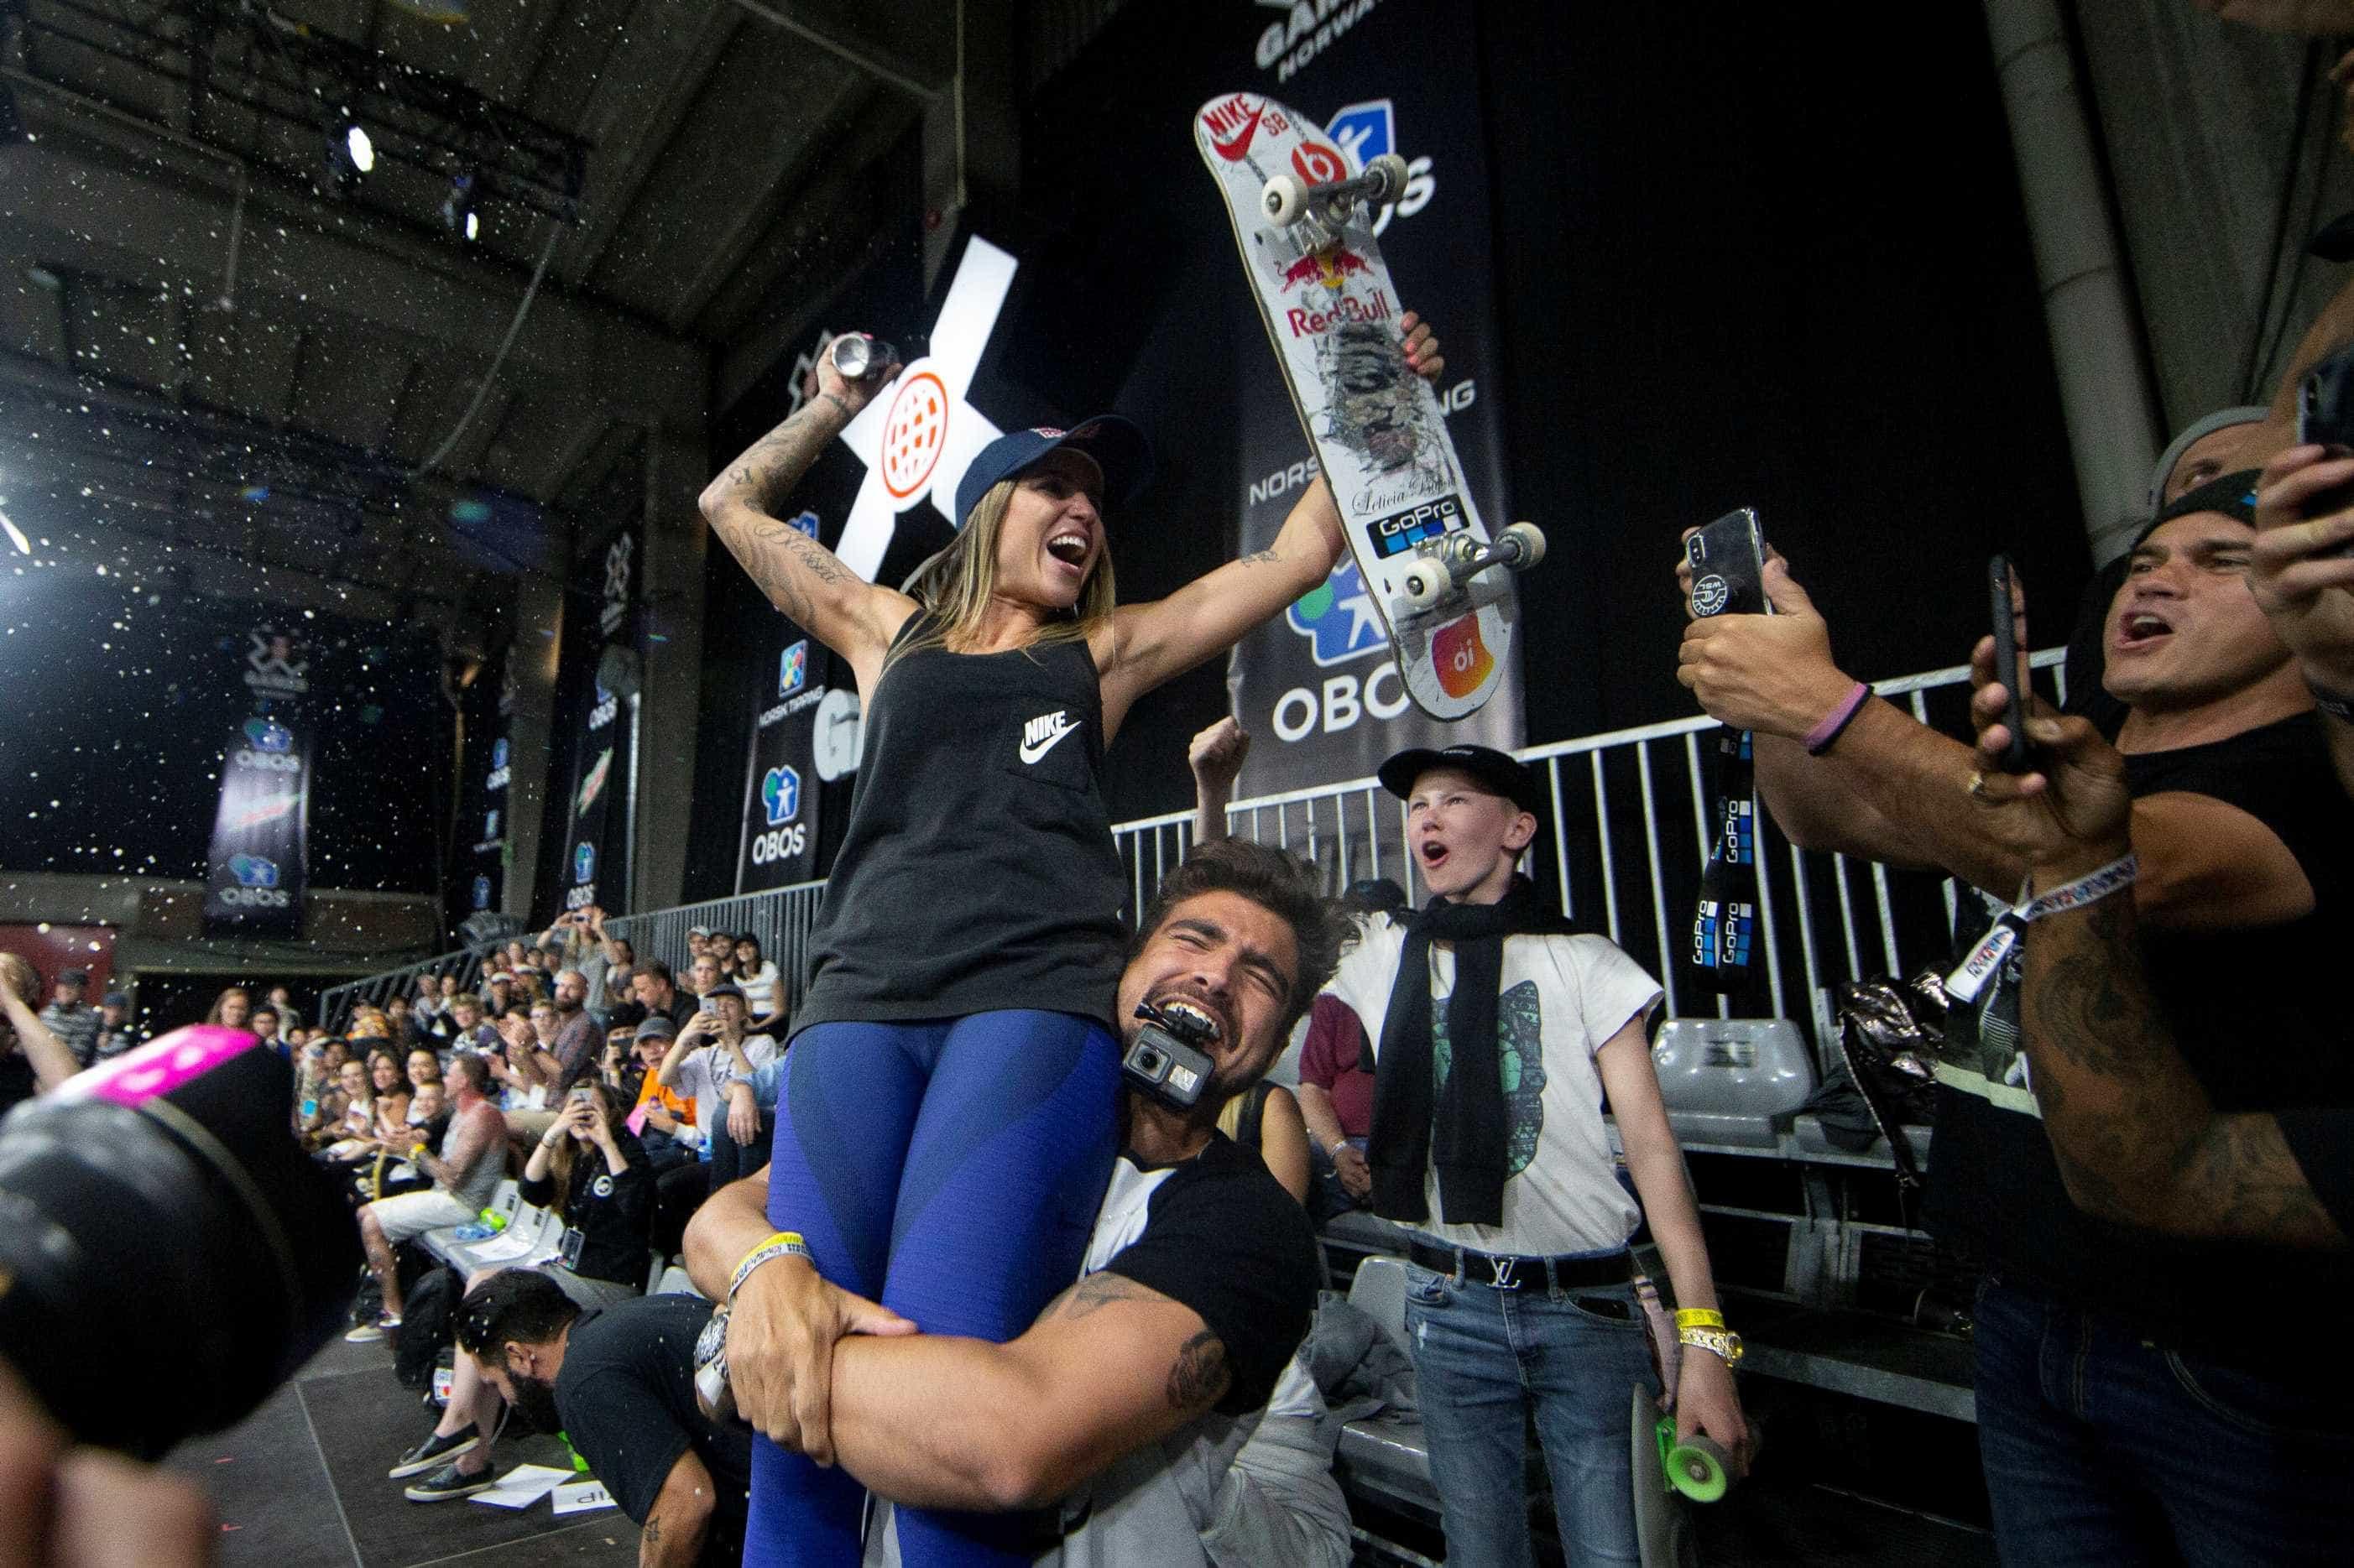 Leticia Bufoni conquista a prata no Mundial de skate street no Rio